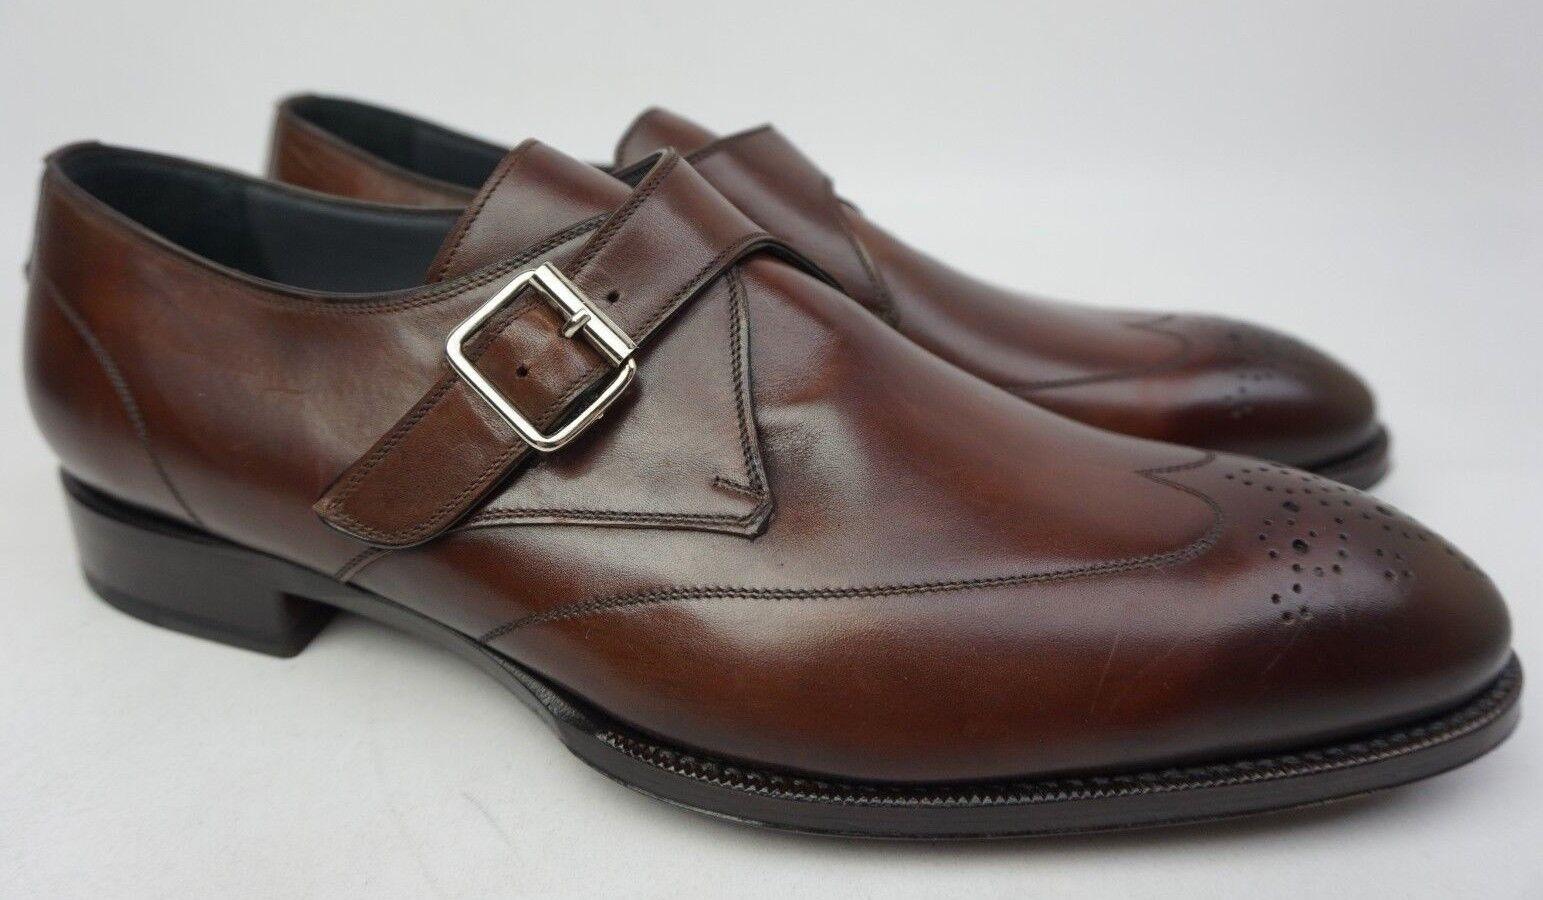 shoes Di Bianco Premium Brown Single Monk Strap Wingtip shoes Size 13 D